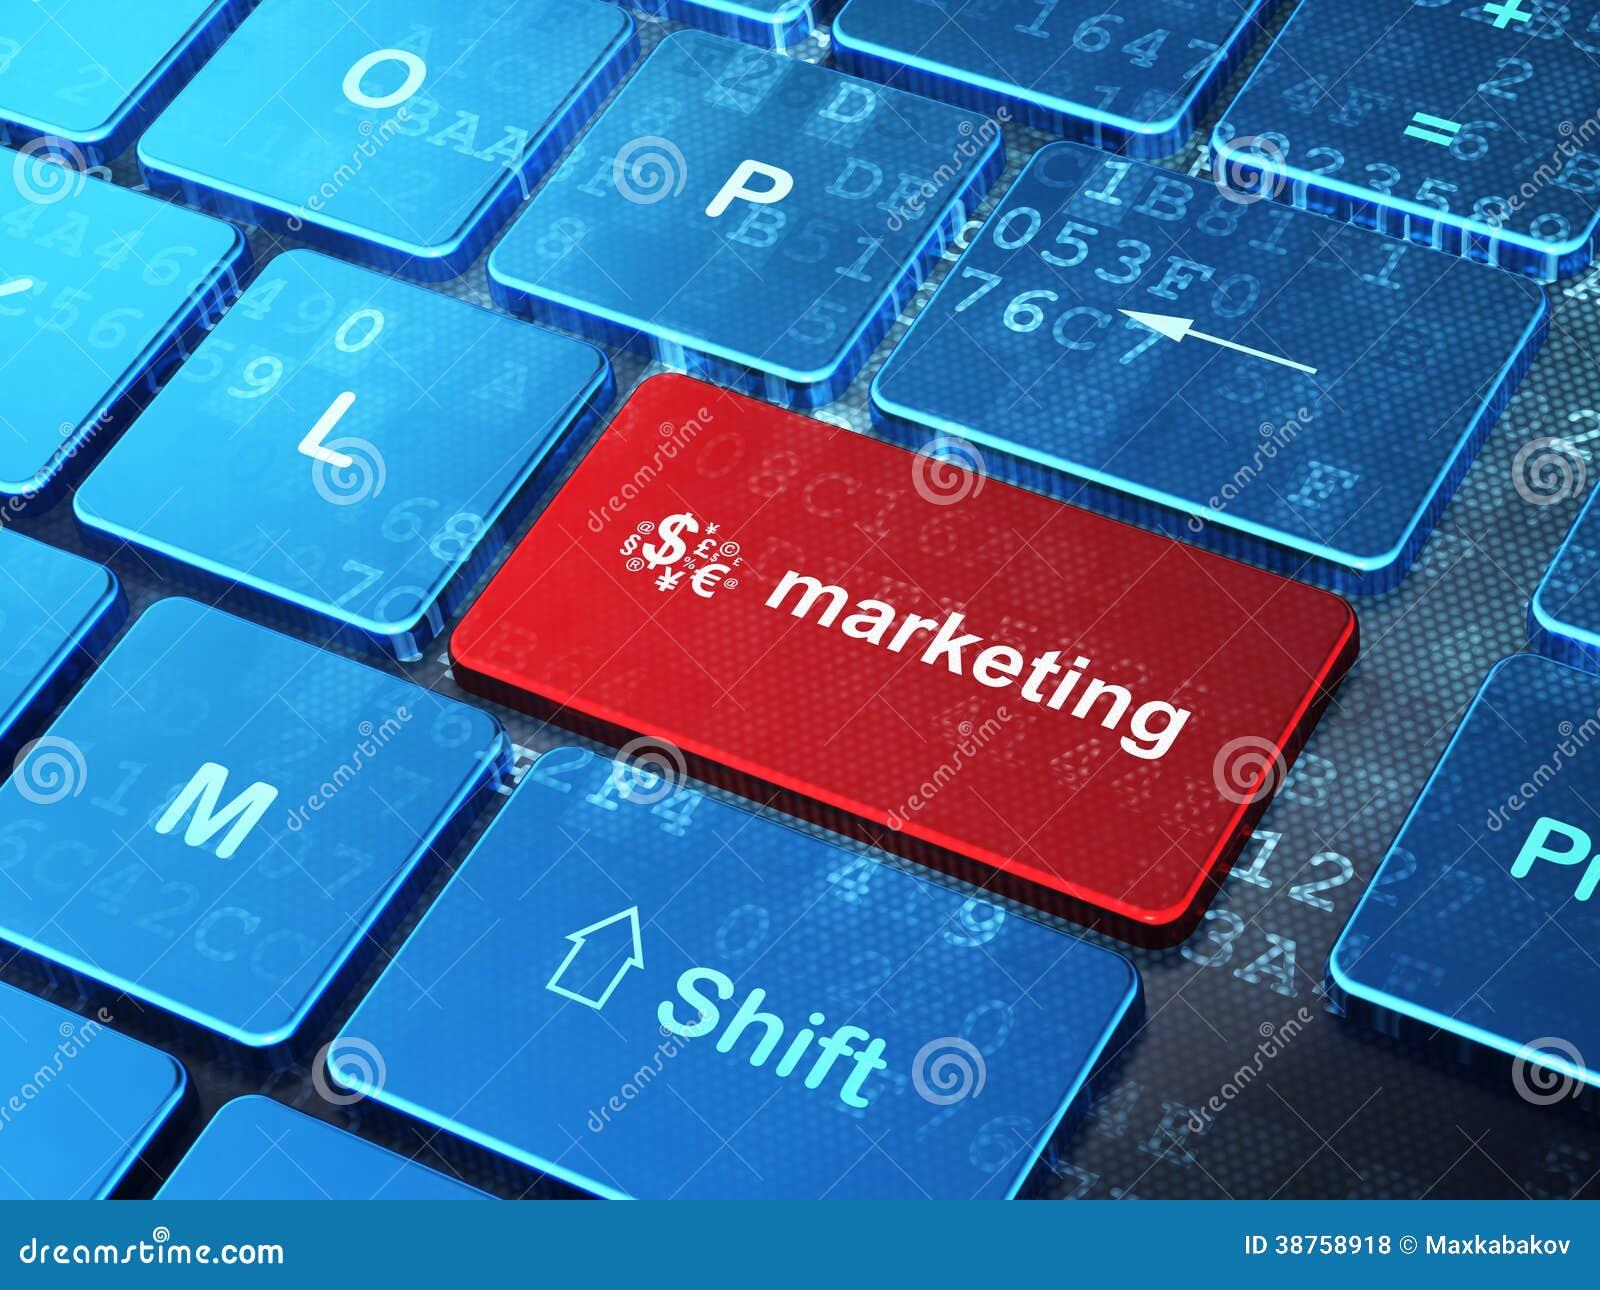 Έννοια διαφήμισης: Σύμβολο χρηματοδότησης και μάρκετινγκ στο υπόβαθρο πληκτρολογίων υπολογιστών